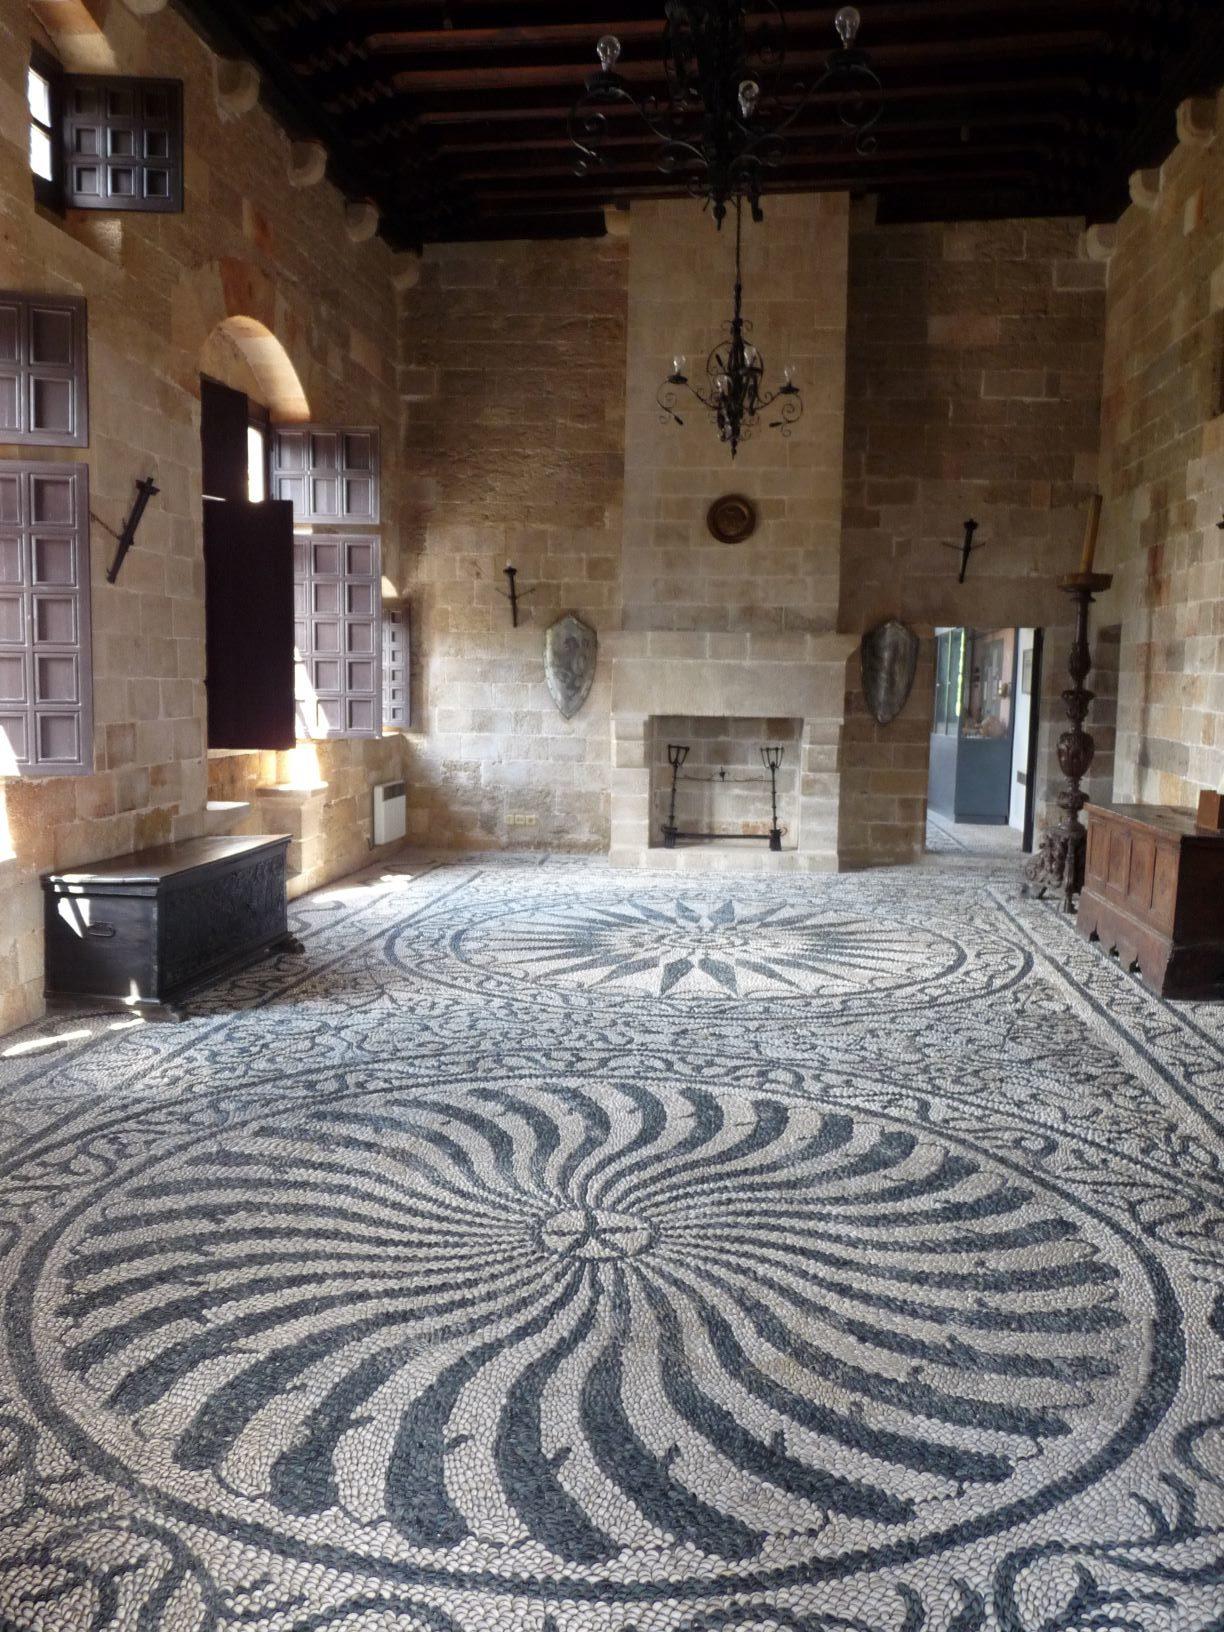 Hopsice Saint Catherine - Ville médiévale de Rhodes